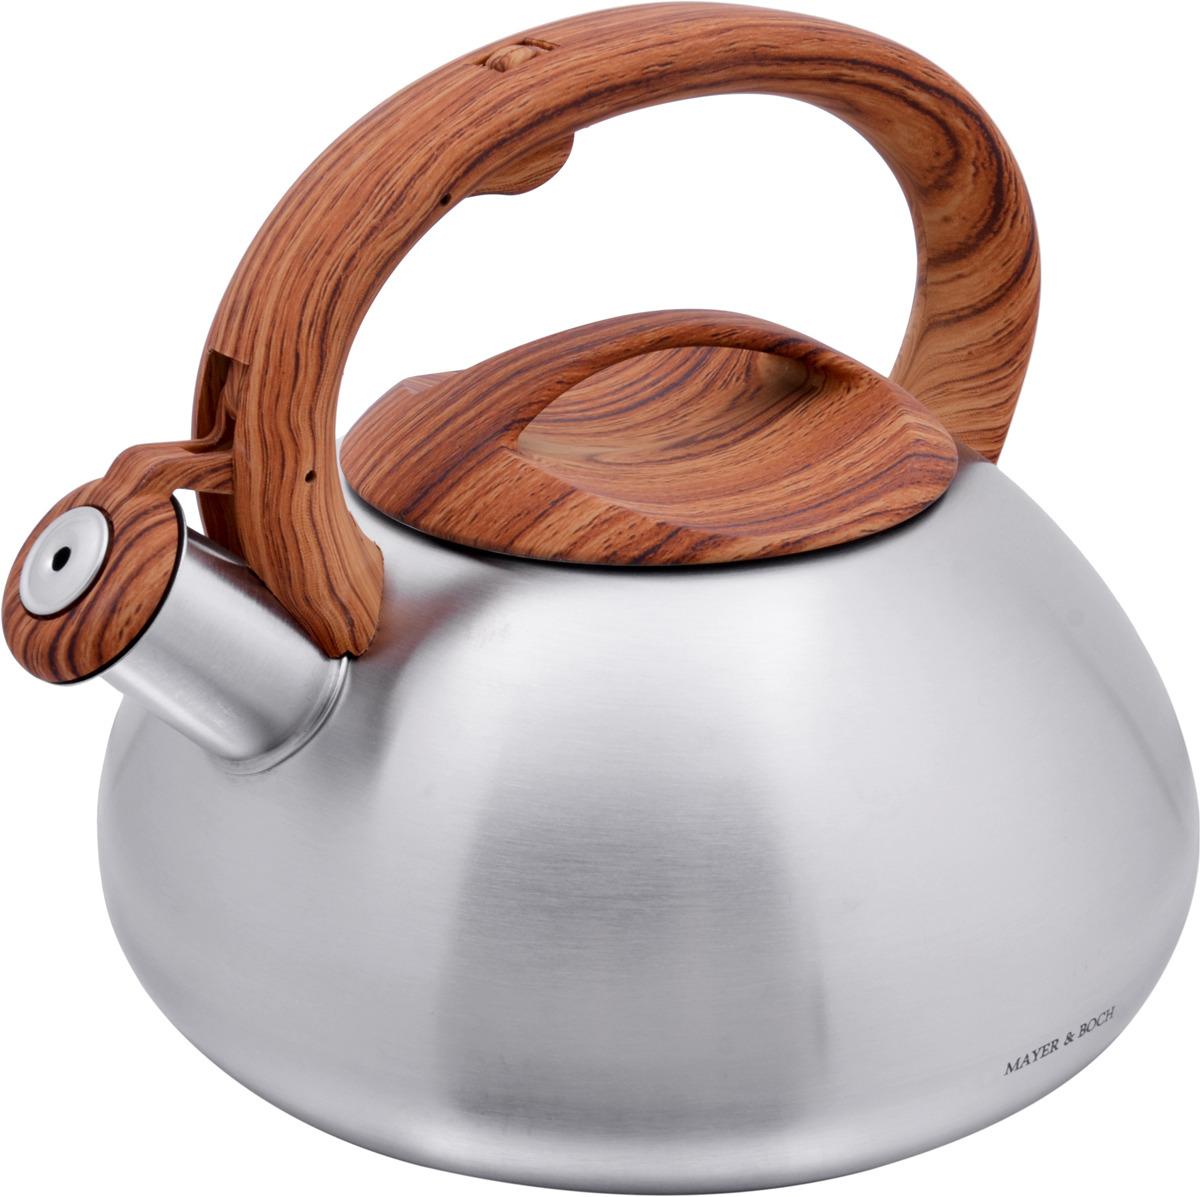 Чайник Mayer & Boch изготовлен из высококачественной нержавеющей стали (CrNi 18/10). Изделия из нержавеющей стали не окисляются и не впитывают запахи, благодаря чему вы всегда получите натуральный, насыщенный вкус и аромат напитков. Капсулированное дно с прослойкой из алюминия обеспечивает наилучшее распределение тепла. Фиксированная эргономичная ручка выполнена из бакелита, также на ручке расположена клавиша механизма открывания носика. Носик чайника оснащен насадкой-свистком, который позволяет контролировать процесс кипячения или подогрева воды. Поверхность чайника гладкая, что облегчает уход за ним. Эстетичный и функциональный, с современным дизайном, чайник будет замечательно смотреться на любой кухне. Подходит для использования на всех типах плит, включая индукционные. Подходит для мытья в посудомоечной машине.